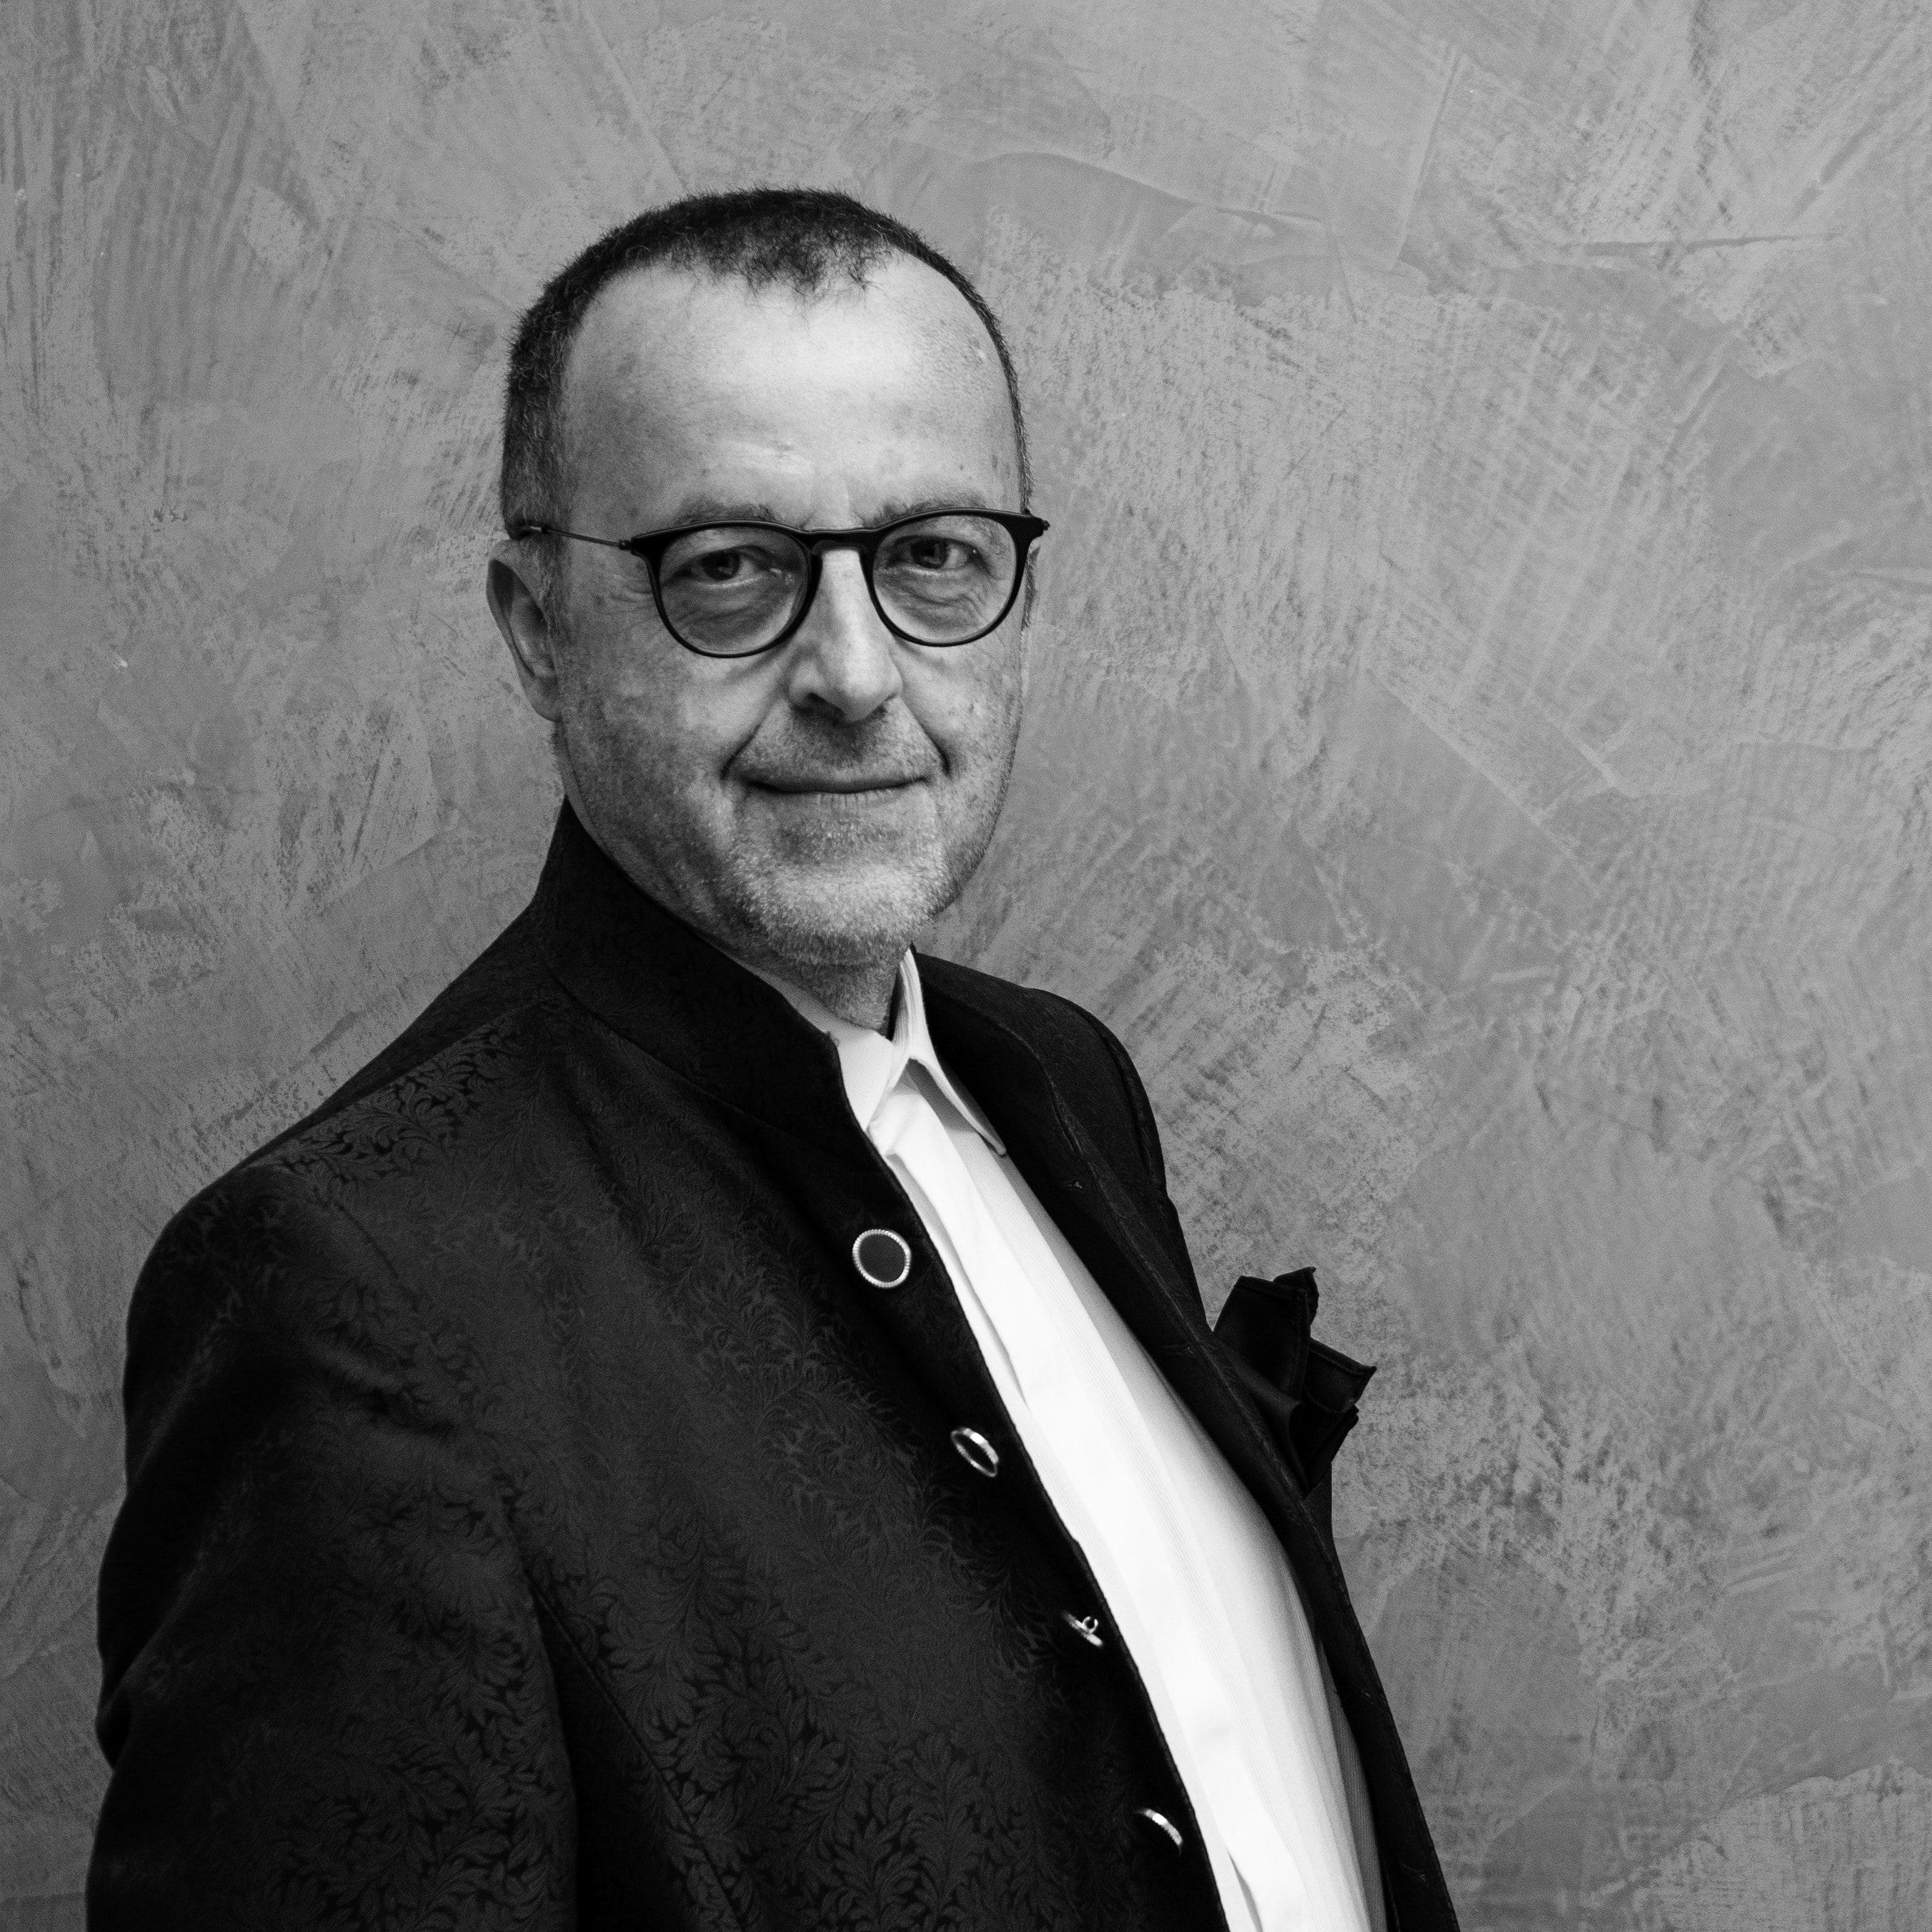 Karl Heinz Baumann Profilbild schwarz weiß